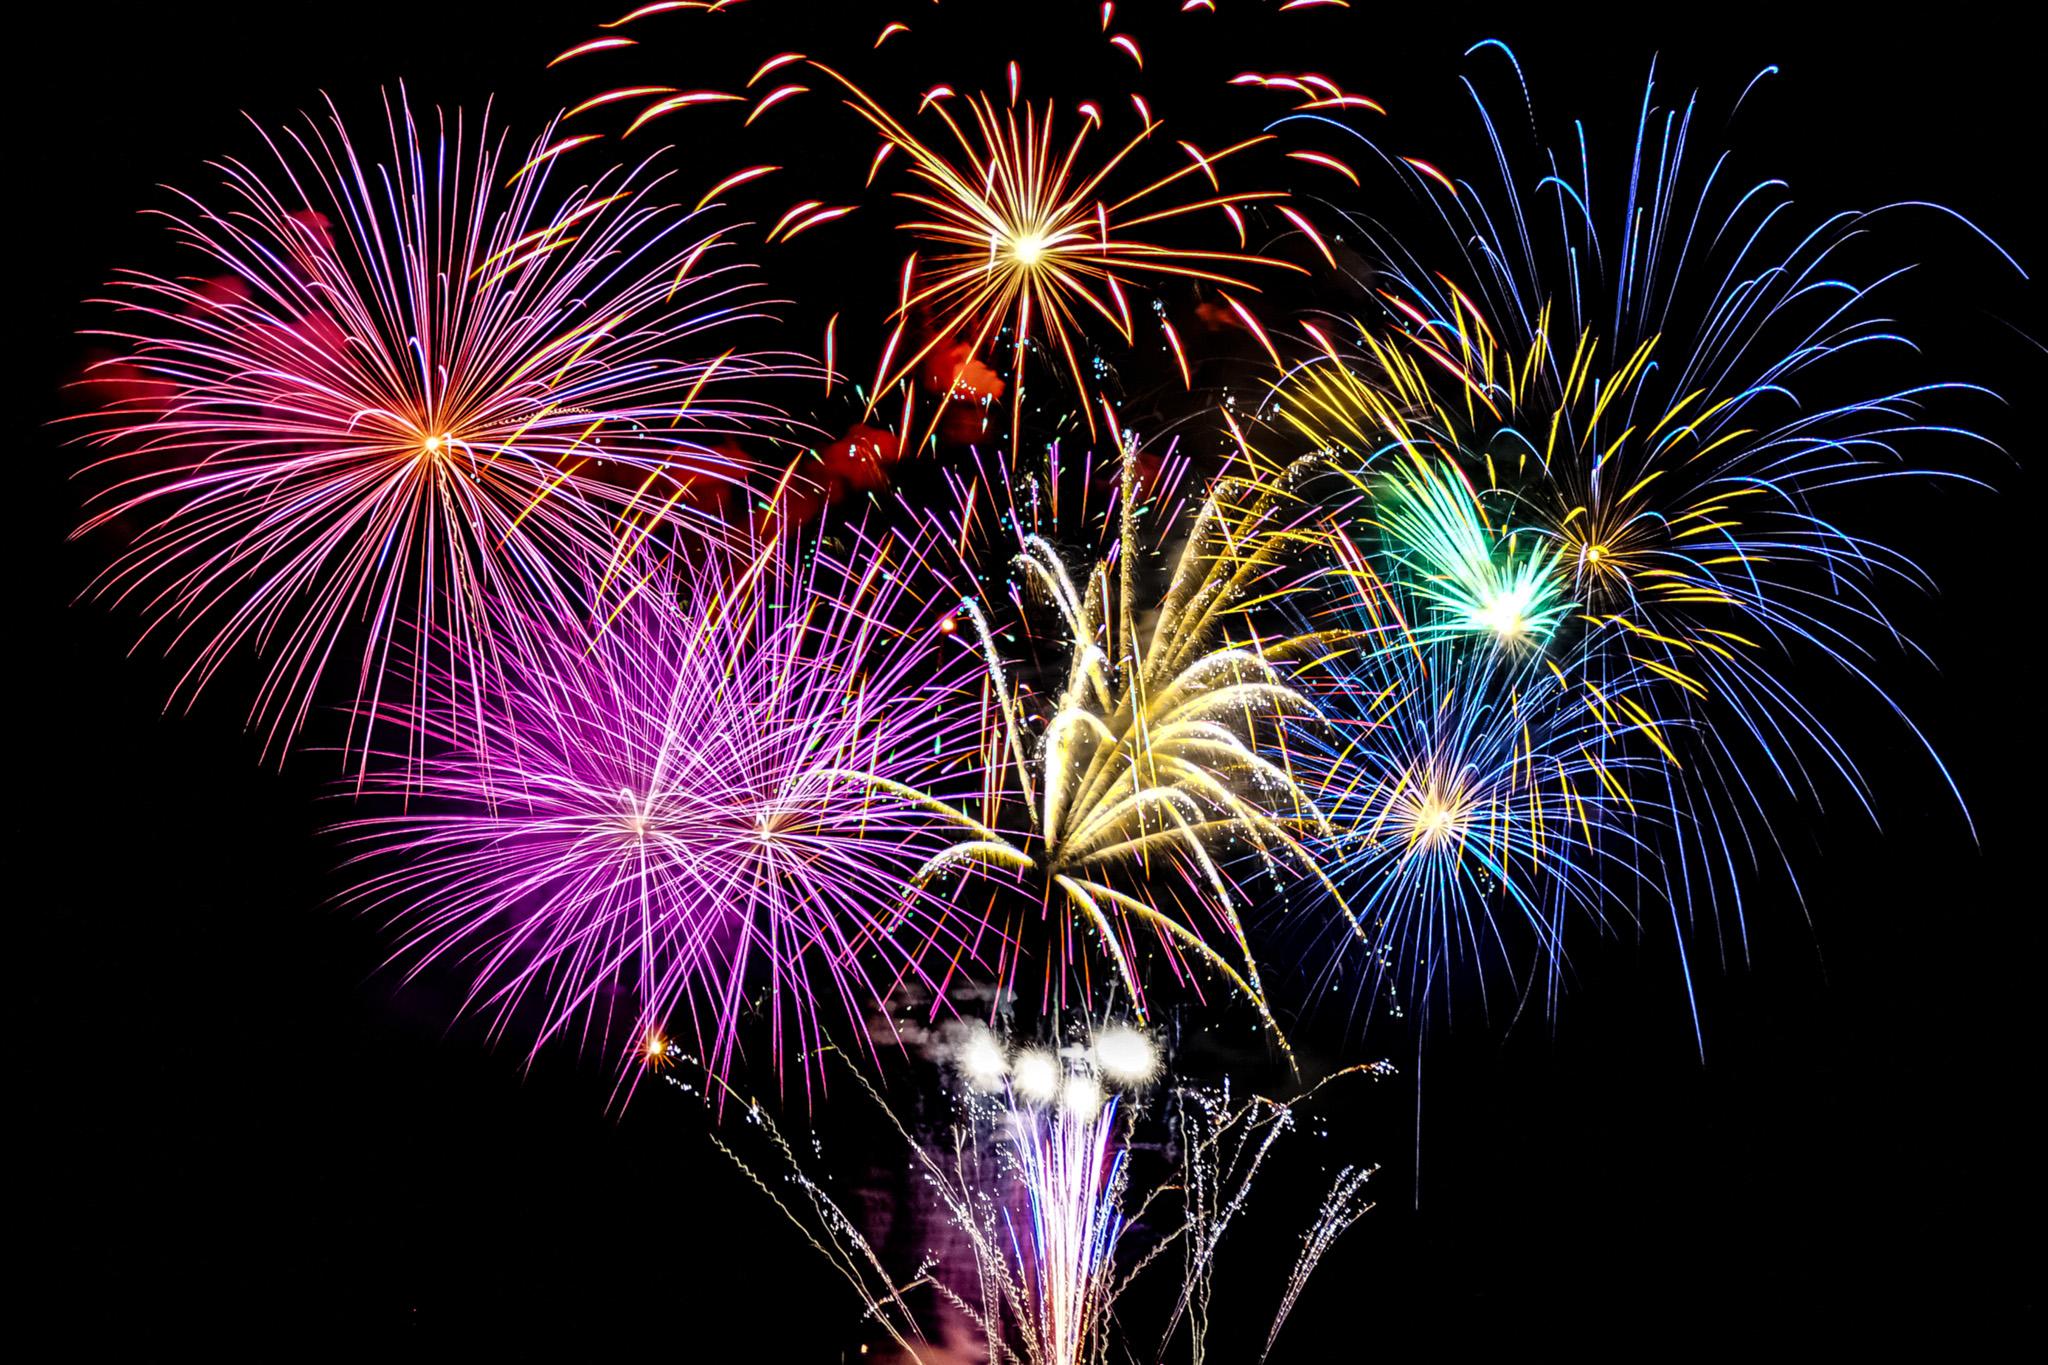 「花火が彩る華麗な夏の夜空」の素材を無料ダウンロード